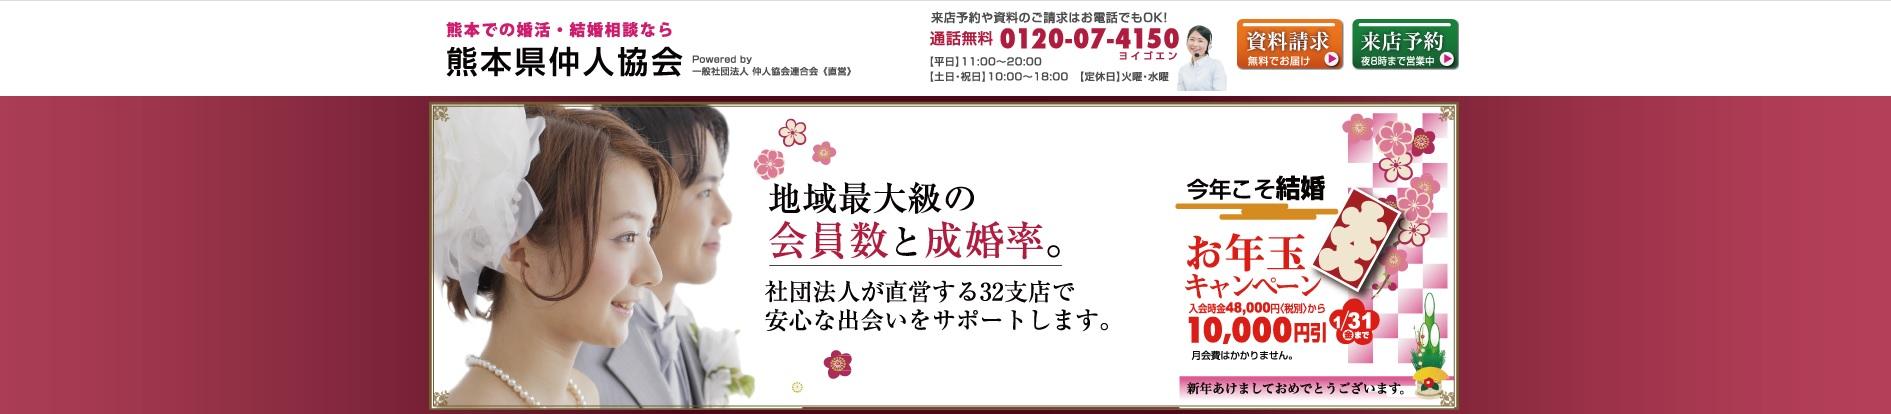 熊本県仲人協会のトップページのスクリーンショット